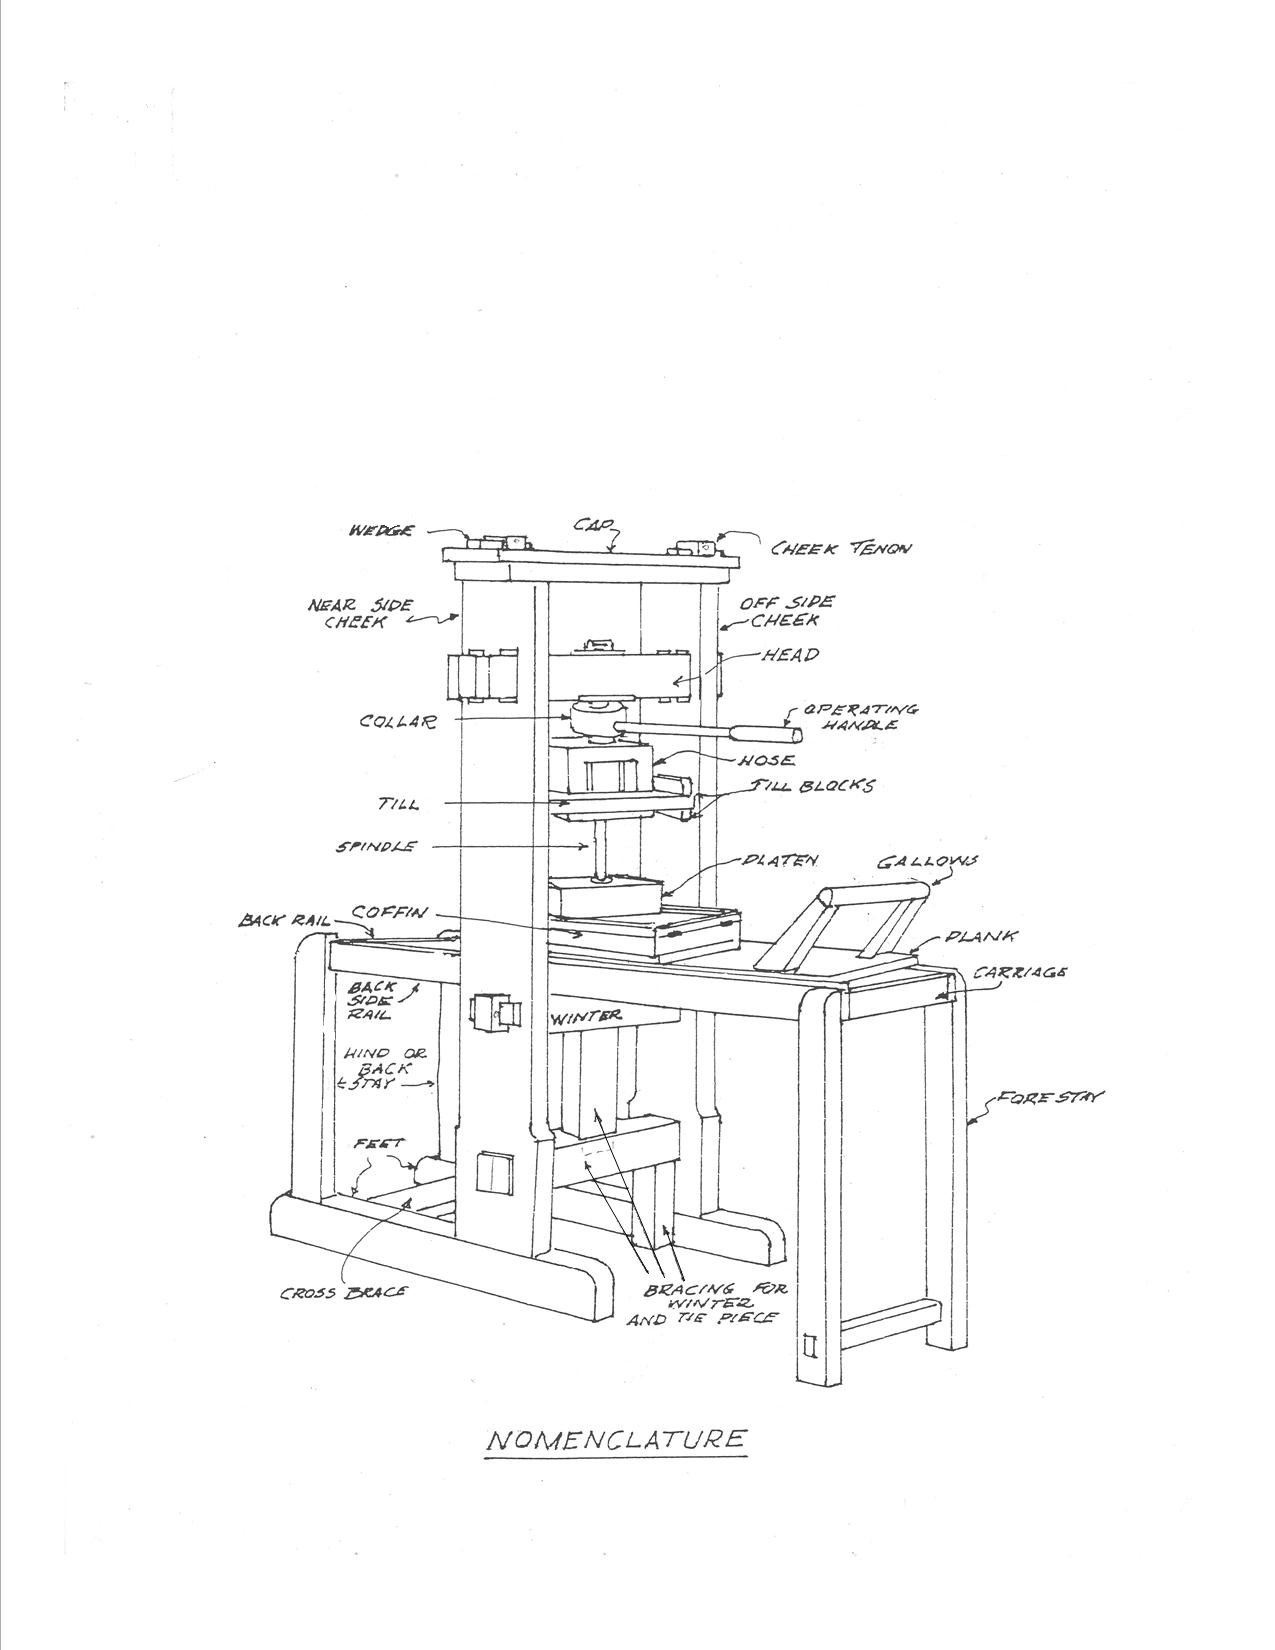 Motorola Hf850 Wiring Diagram